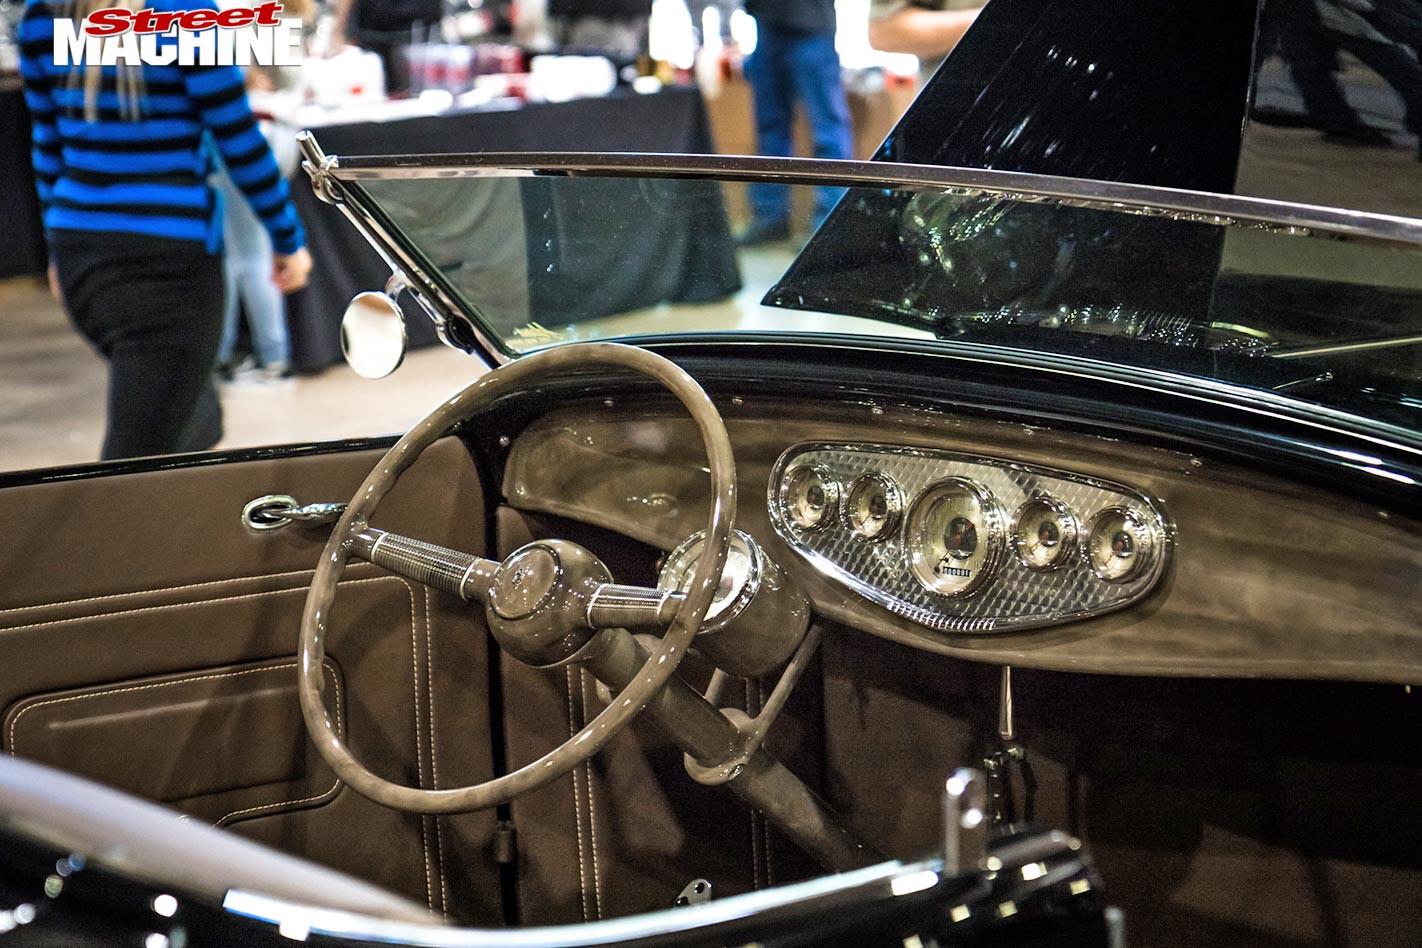 1932 Ford, Deuce One dash